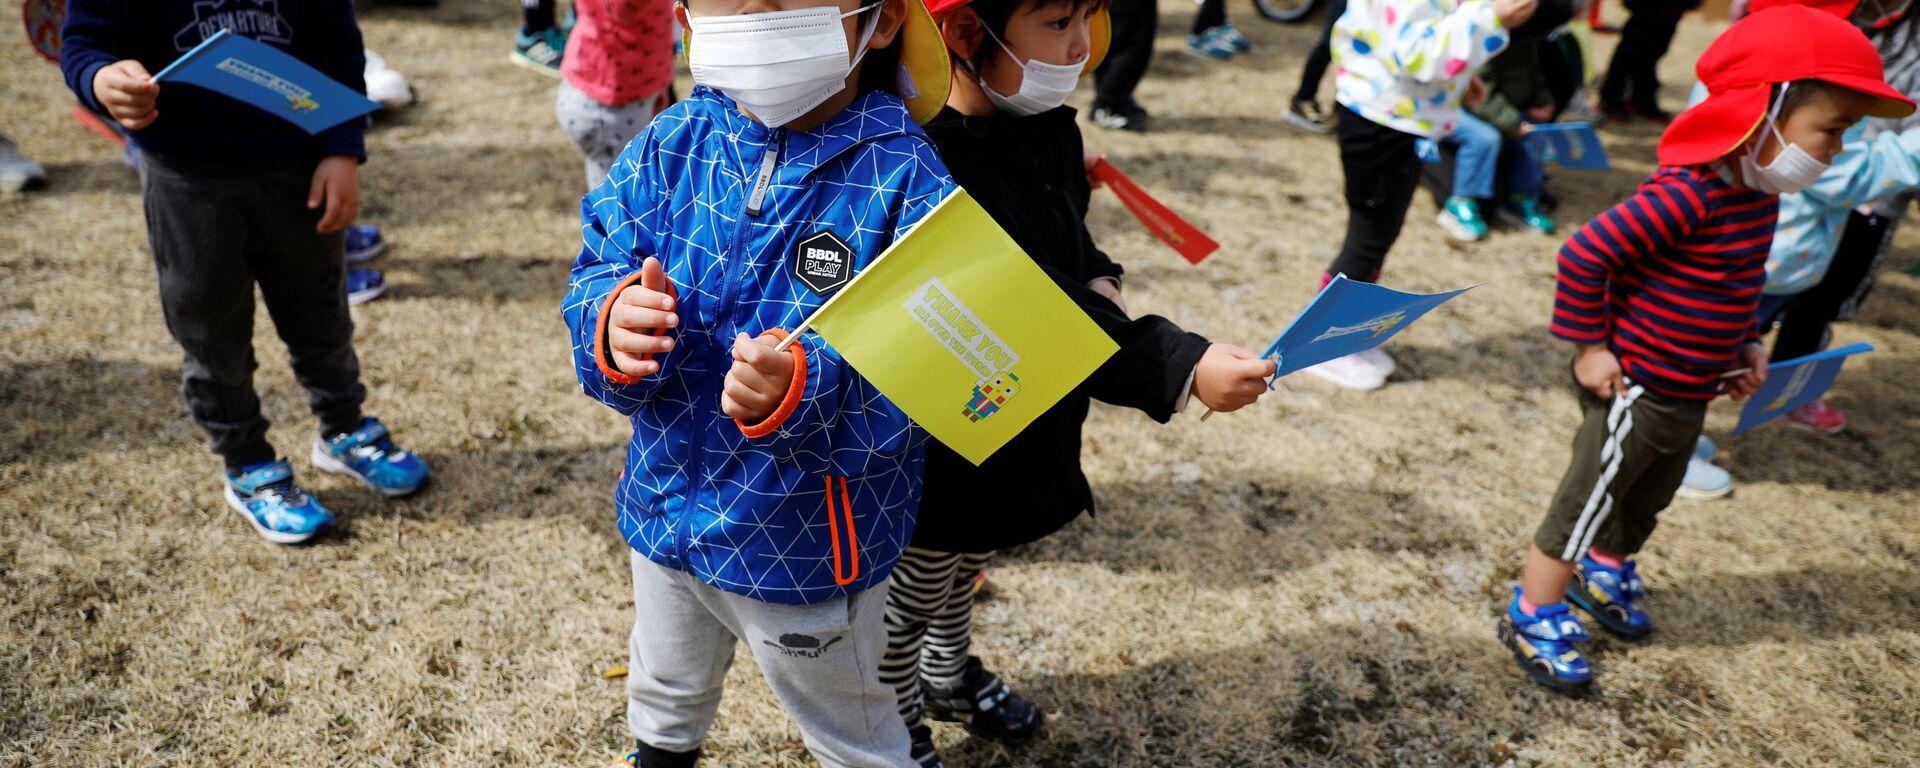 Дети во время эстафеты огня в префектуре Фукусима - Sputnik Italia, 1920, 28.07.2021